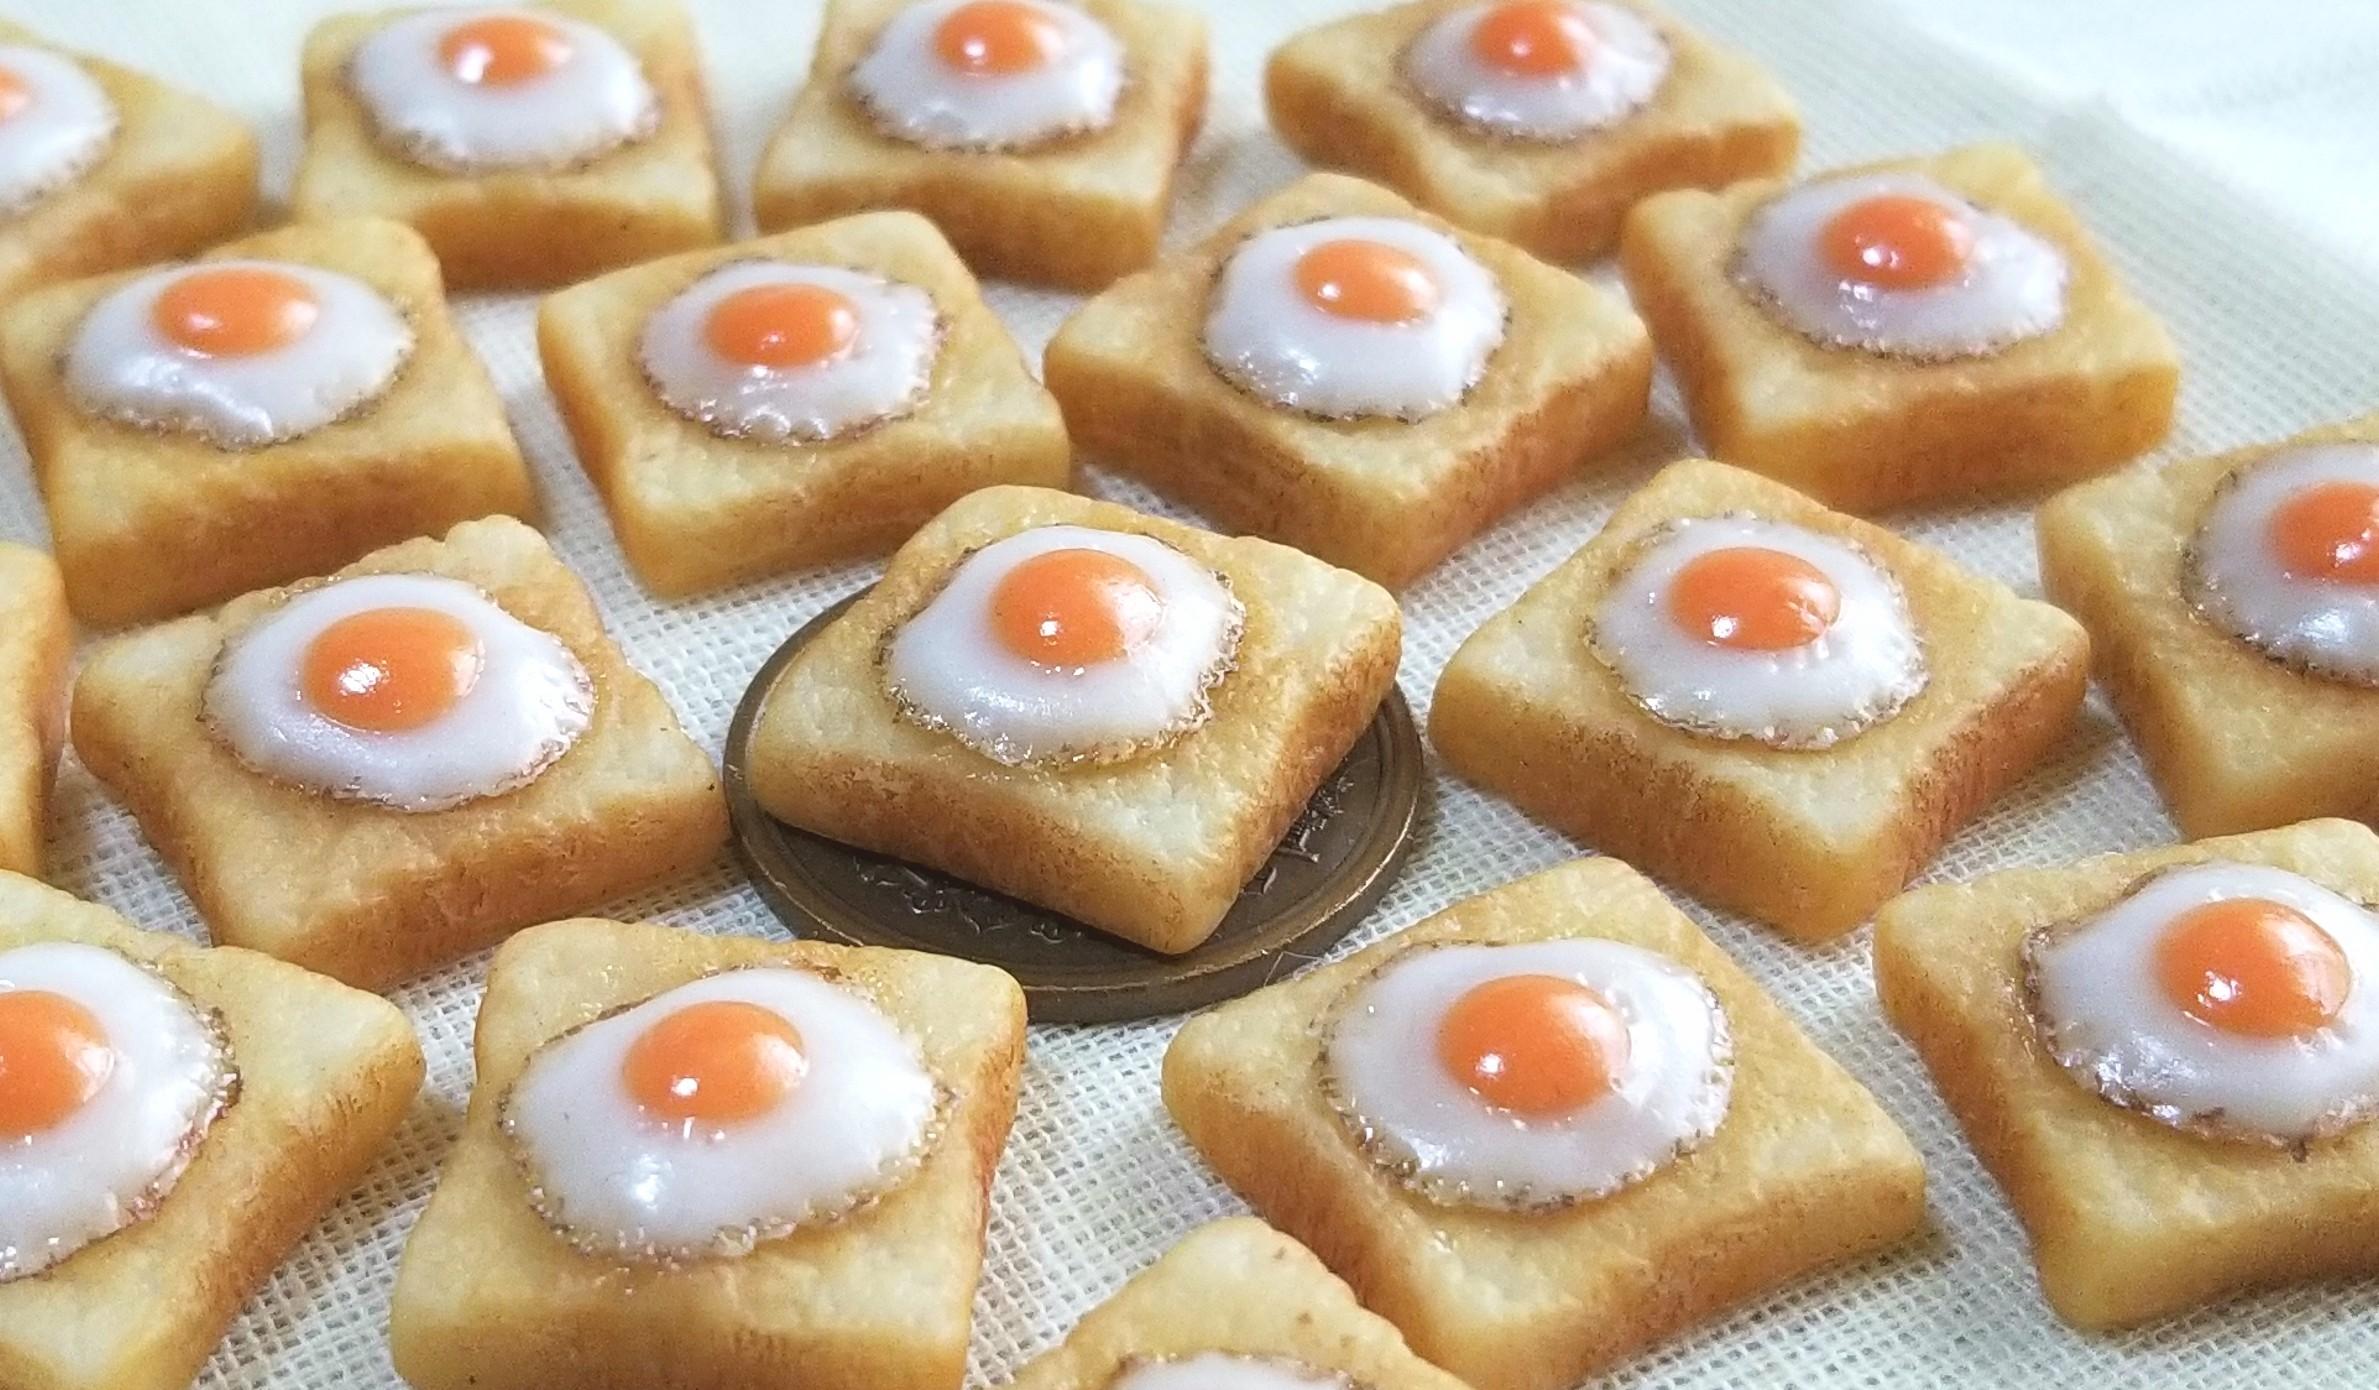 ラピュタ,ミニチュアフード,食パン,トースト,オビツ11,シルバニア